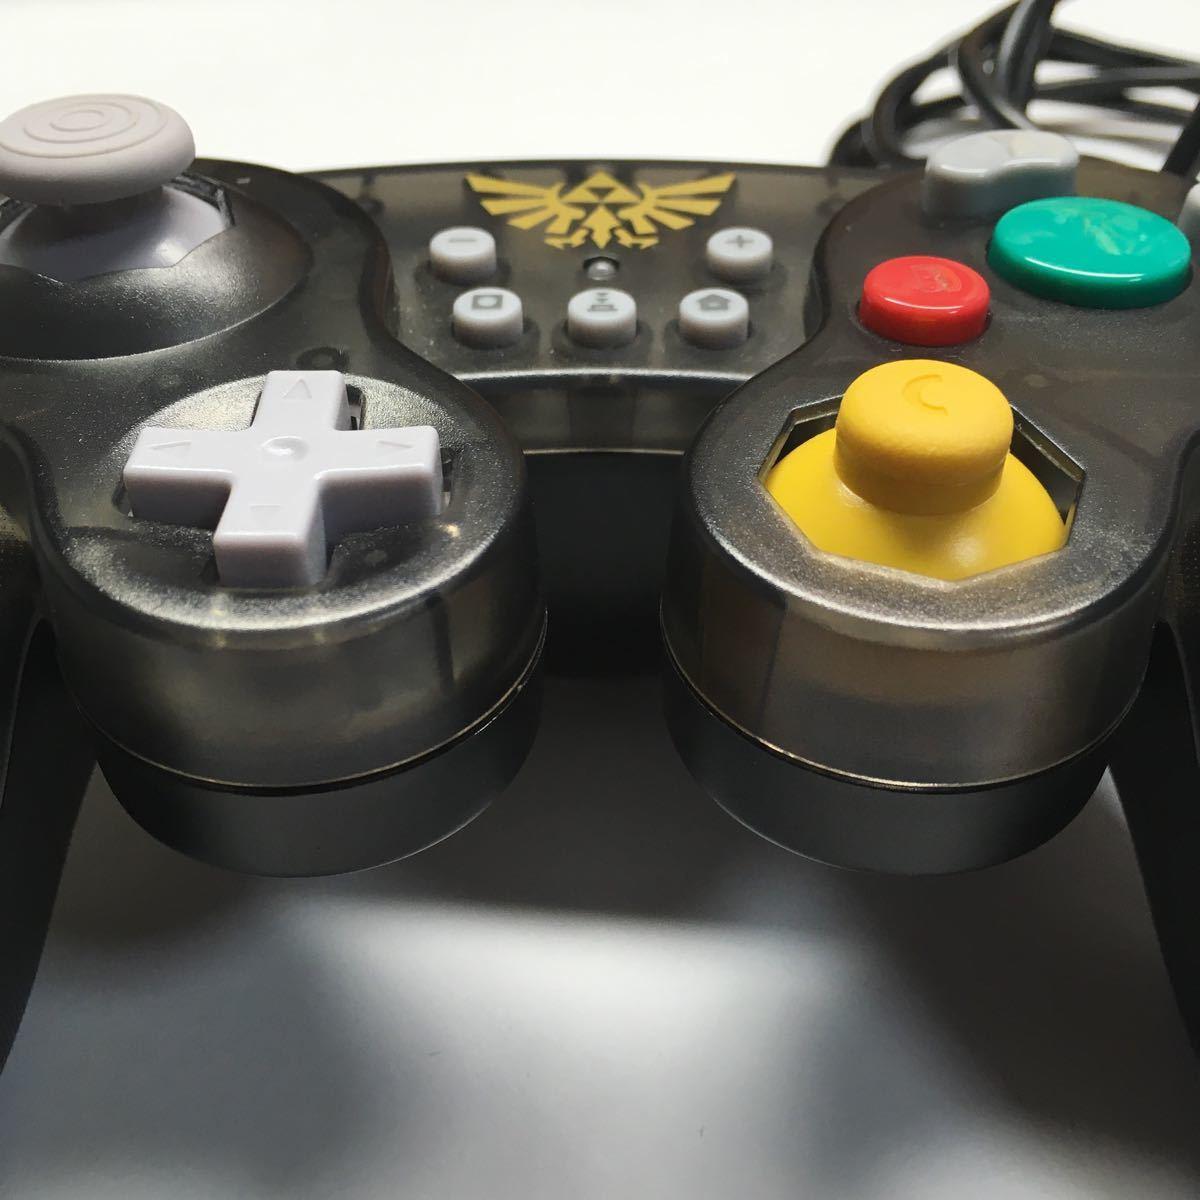 ゲームキューブ コントローラー HORI ホリ ニンテンドースイッチ ゼルダの伝説 動作確認済み スマブラ ブラック Switch